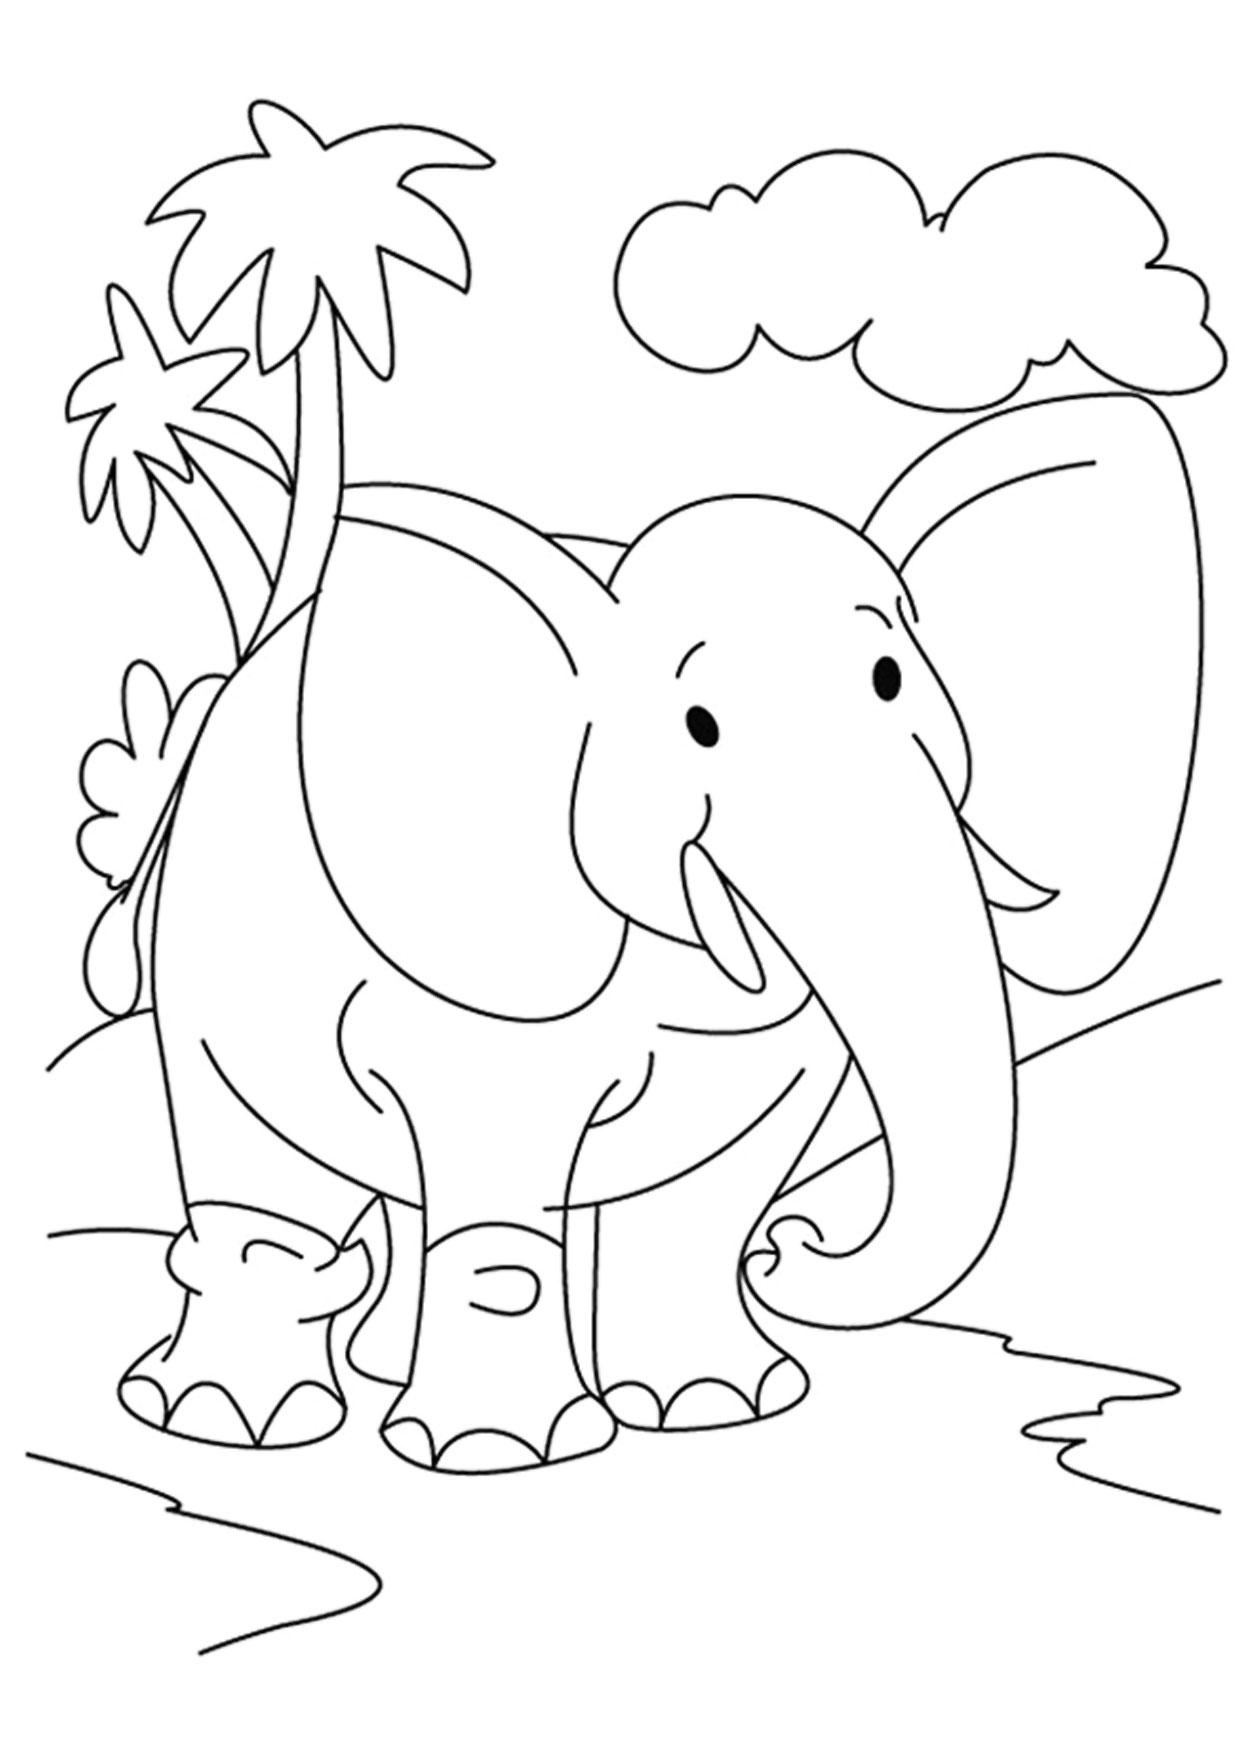 Disegno di Elefante Cartoon da colorare 06